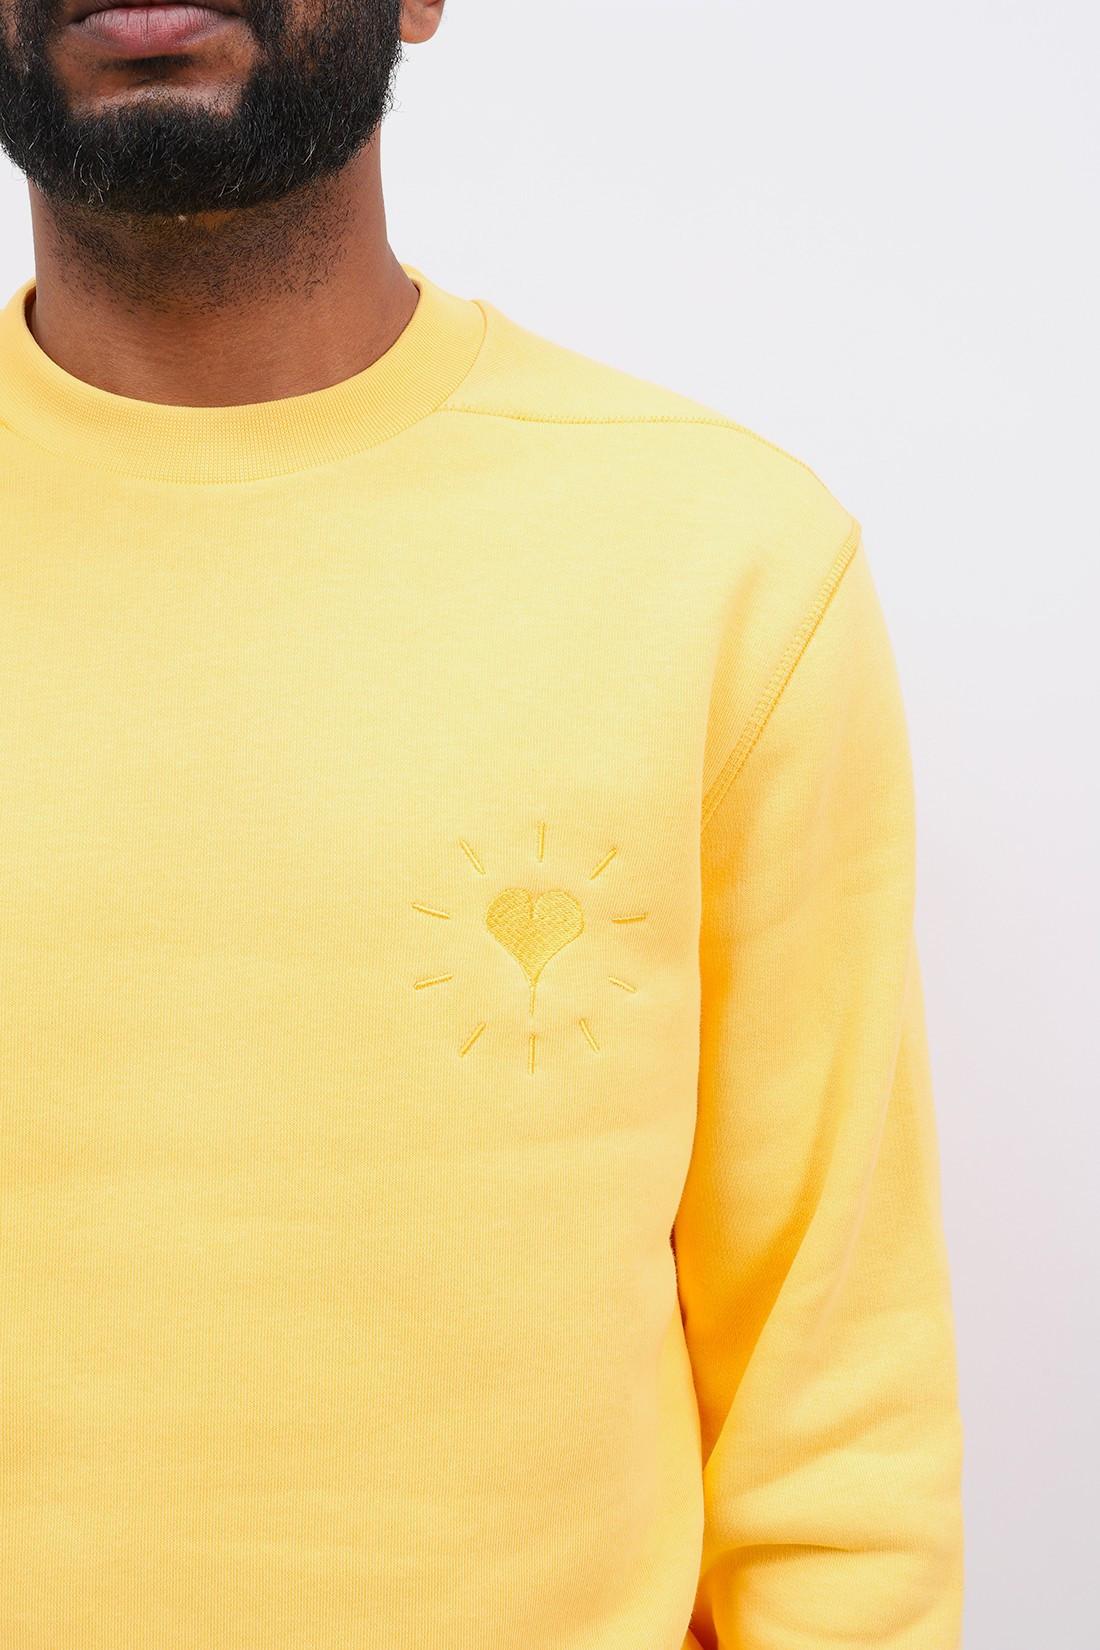 HOMECORE / Psili sweat Chick yellow